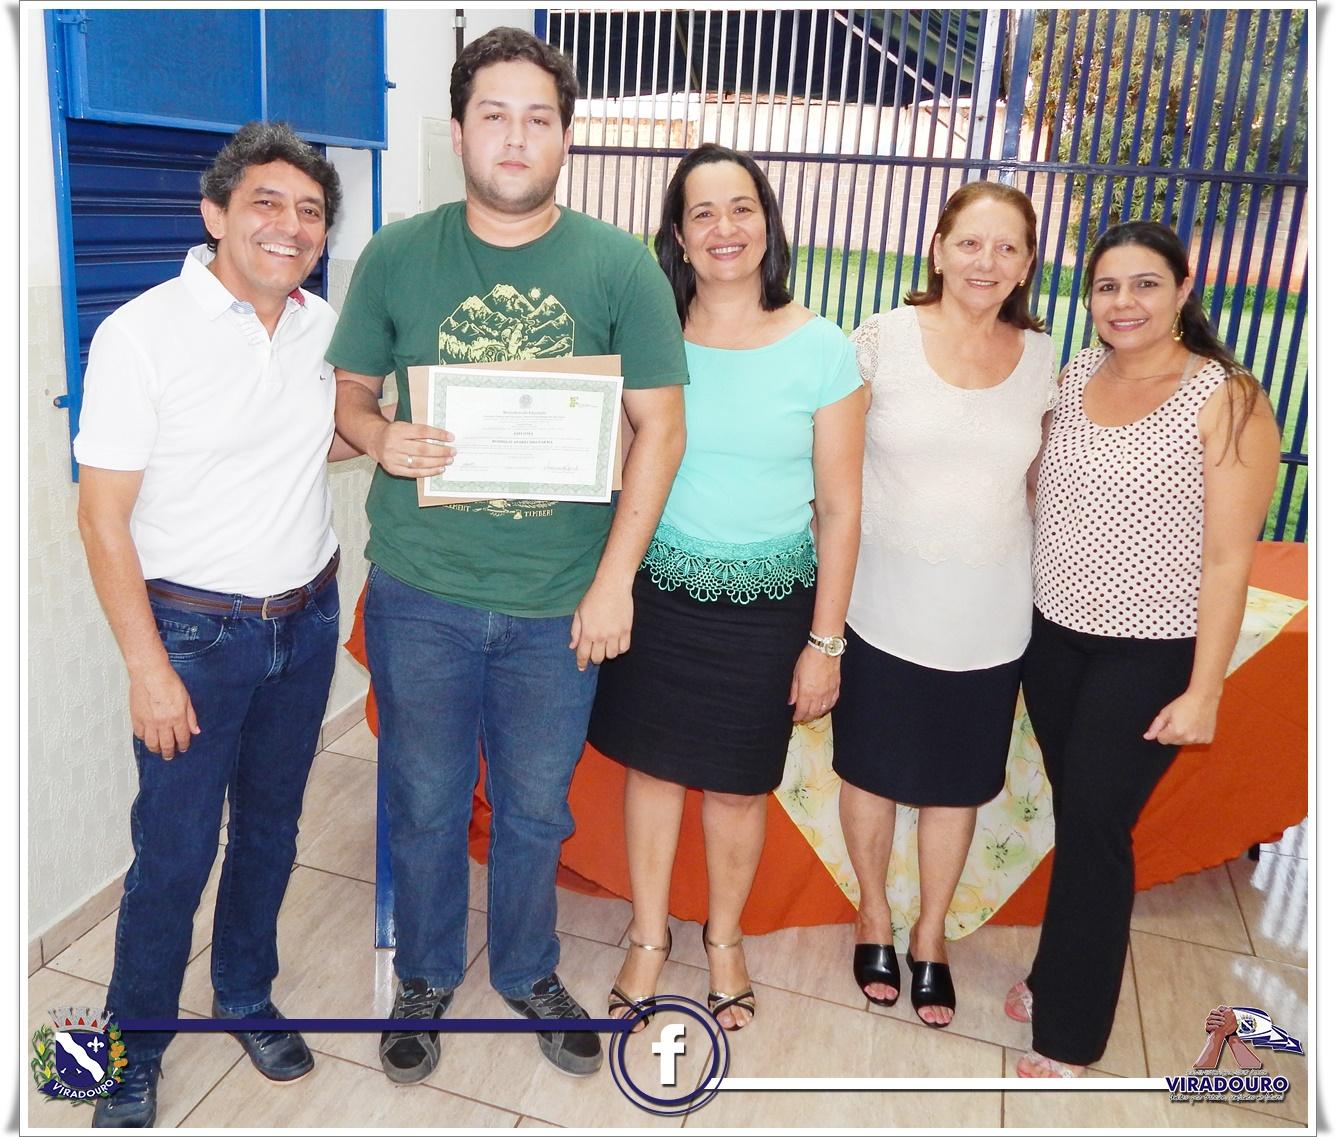 ENTREGA DE CERTIFICADOS PARA OS ALUNOS DO CURSO TECNICO